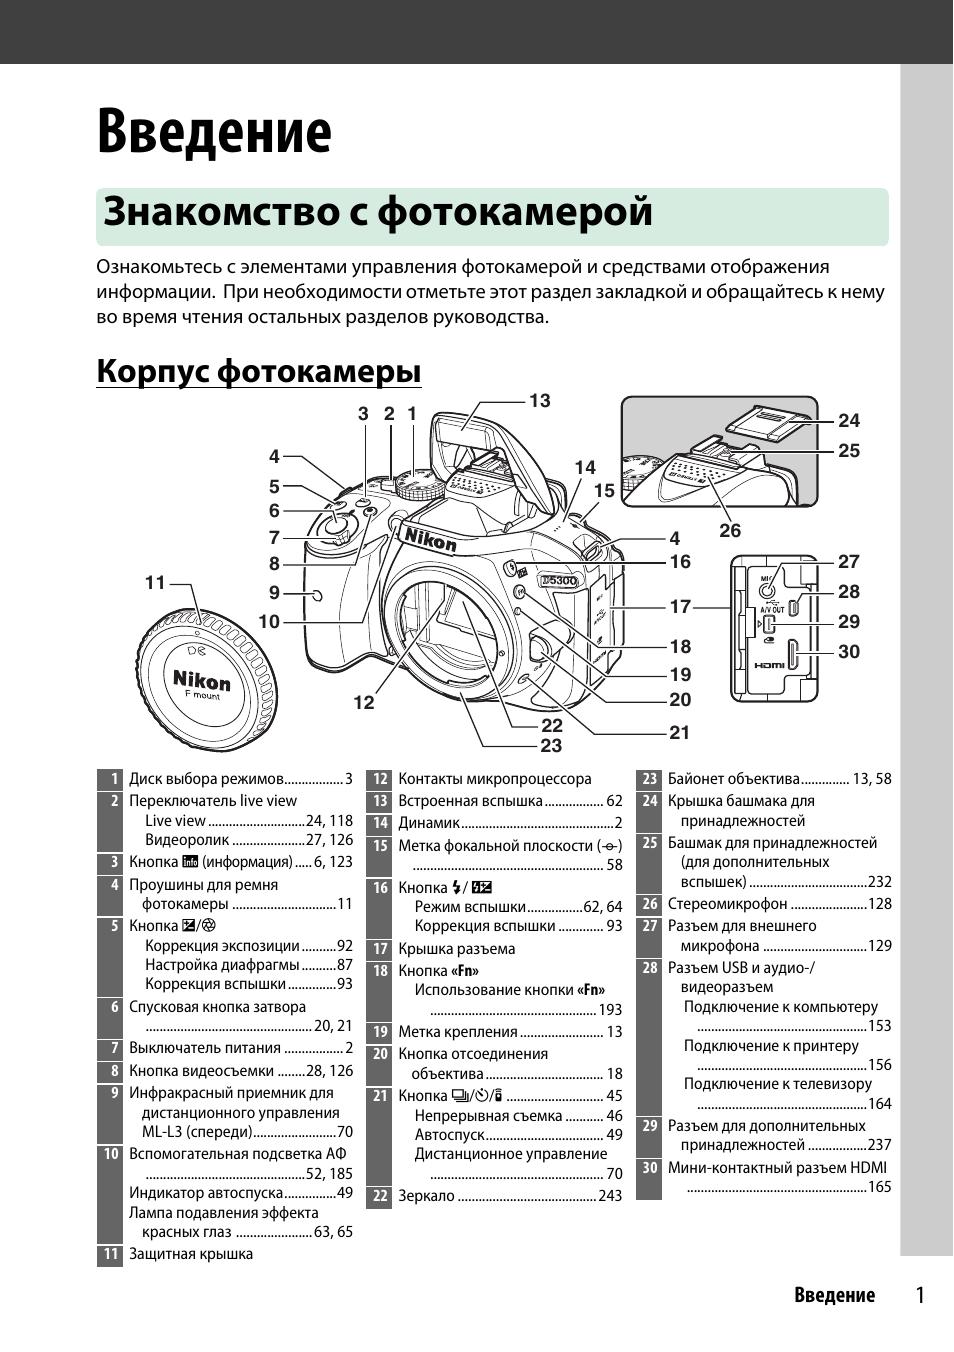 Инструкция по эксплуатации фотокамерой